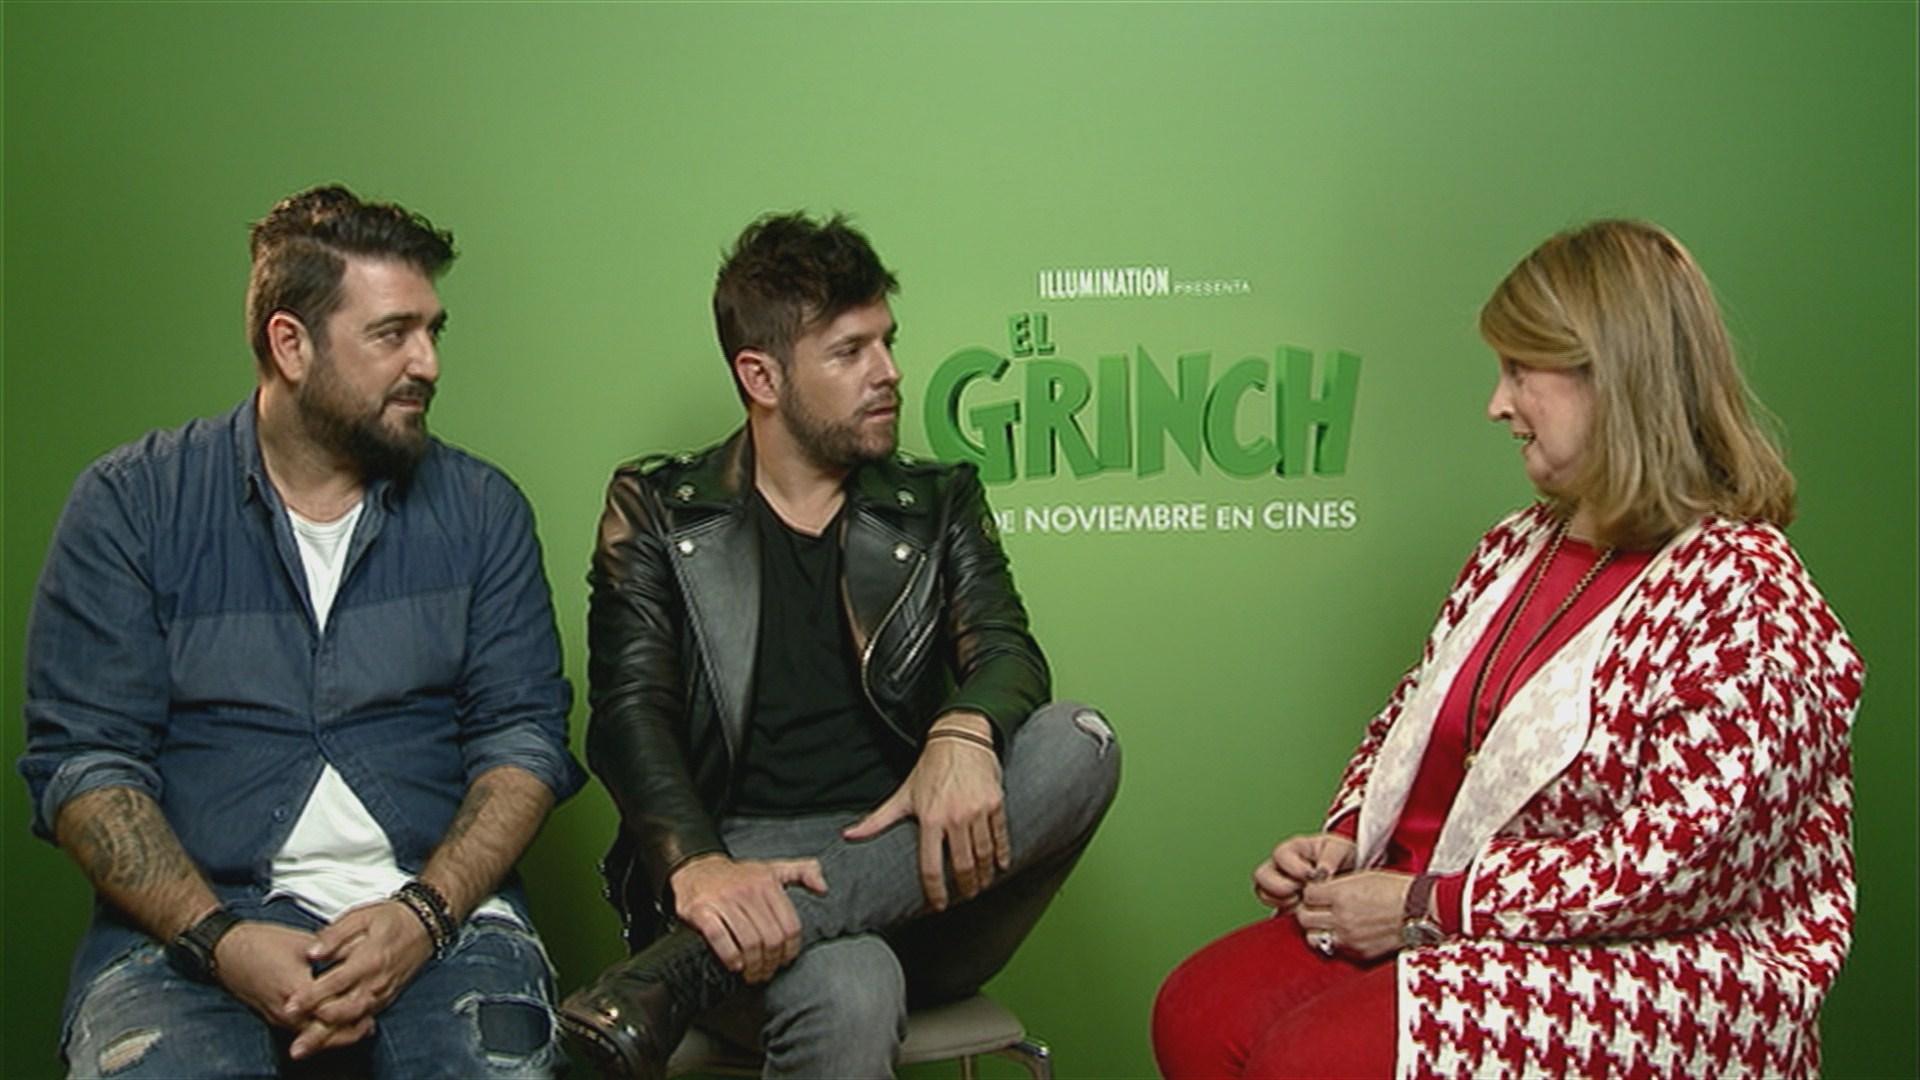 Imagenes De Grinch De Buenos Dias.Antonio Orozco Y Pablo Lopez Unen Sus Voces Por El Grinch